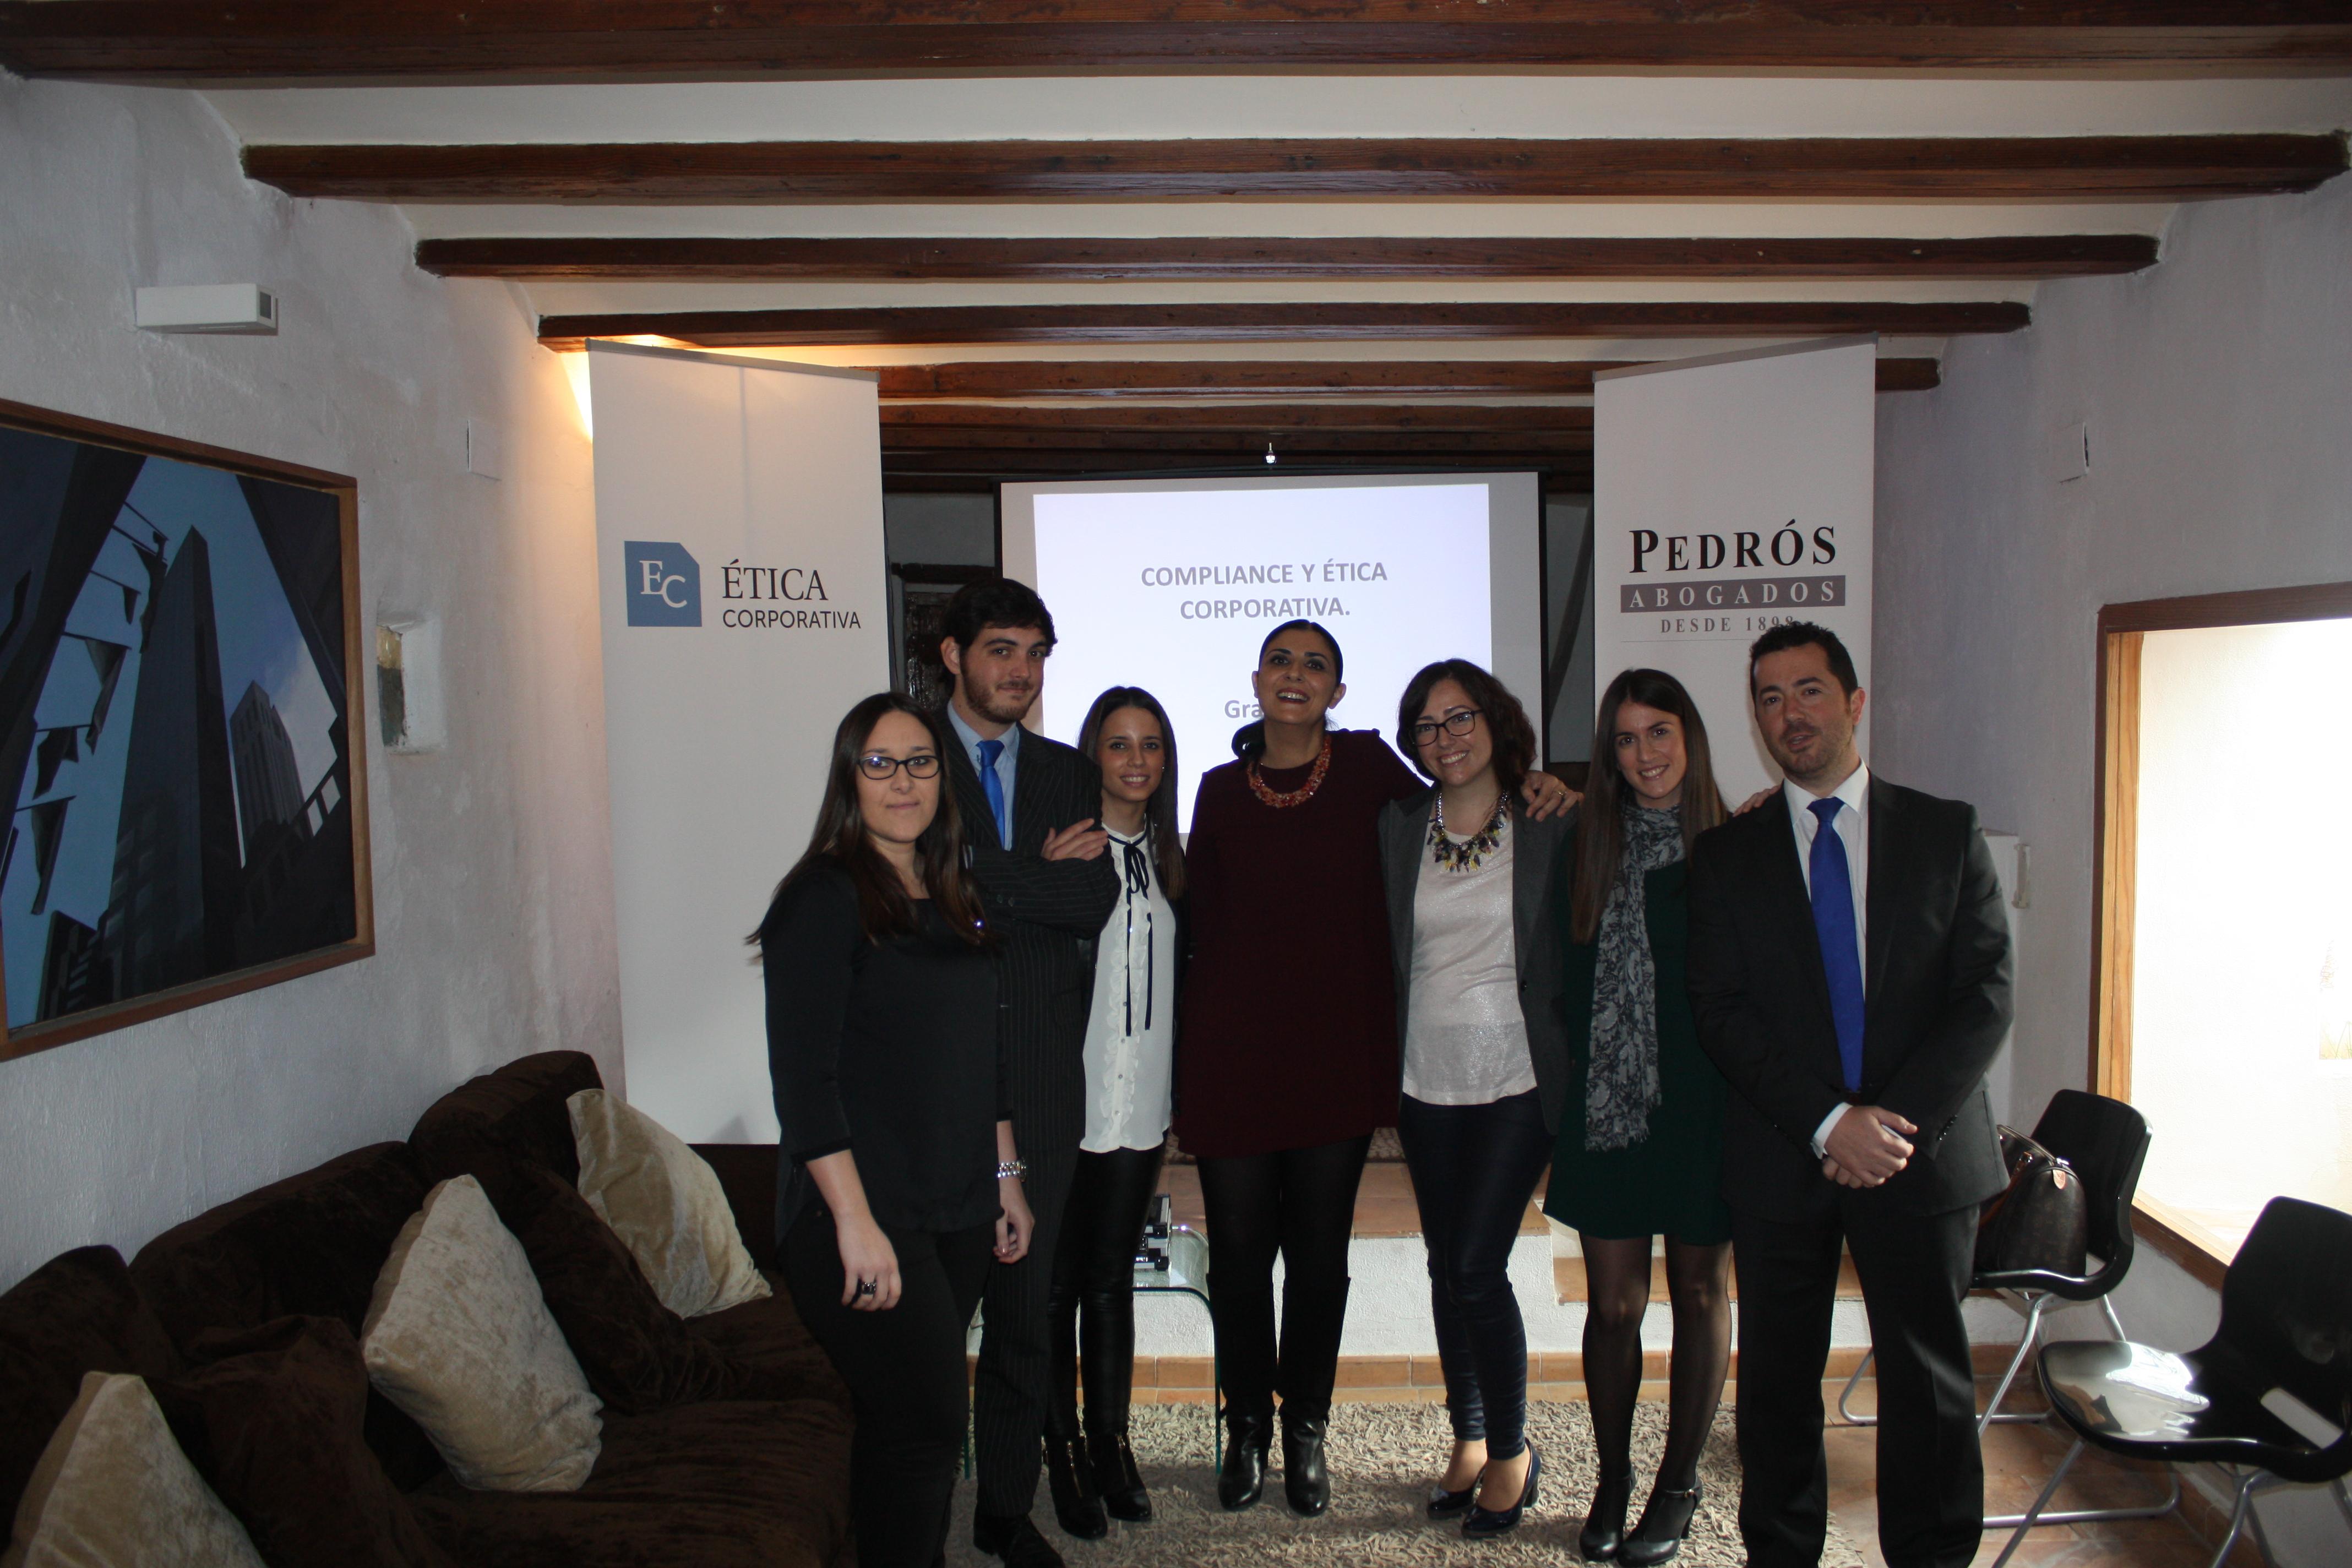 III JORNADAS DE LA EMPRESA FAMILIAR: ÉTICA CORPORATIVA / COMPLIANCE